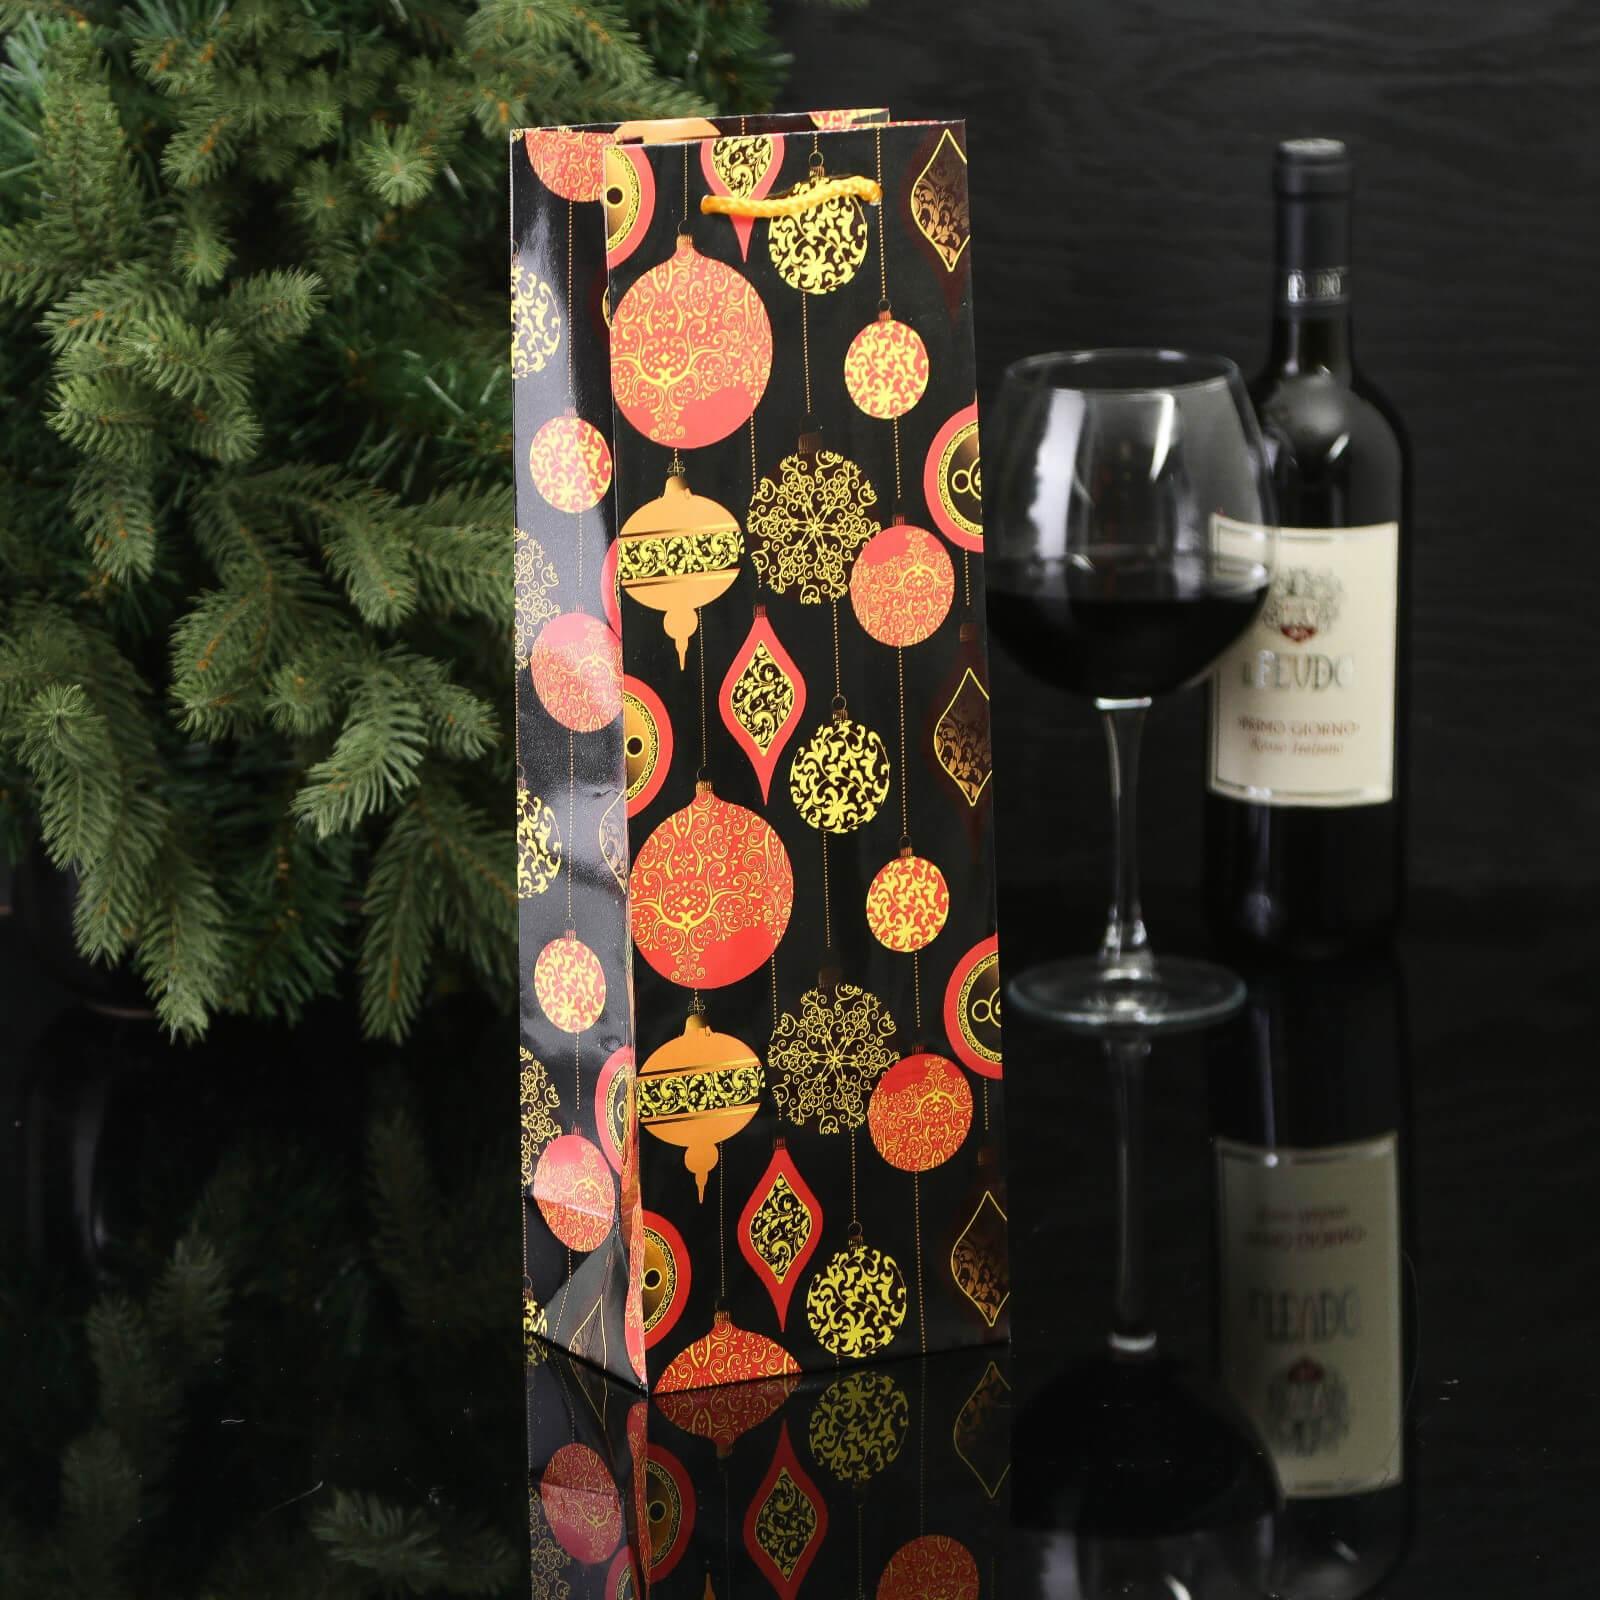 Фото - Дорогой алкоголь в подарочной упаковке